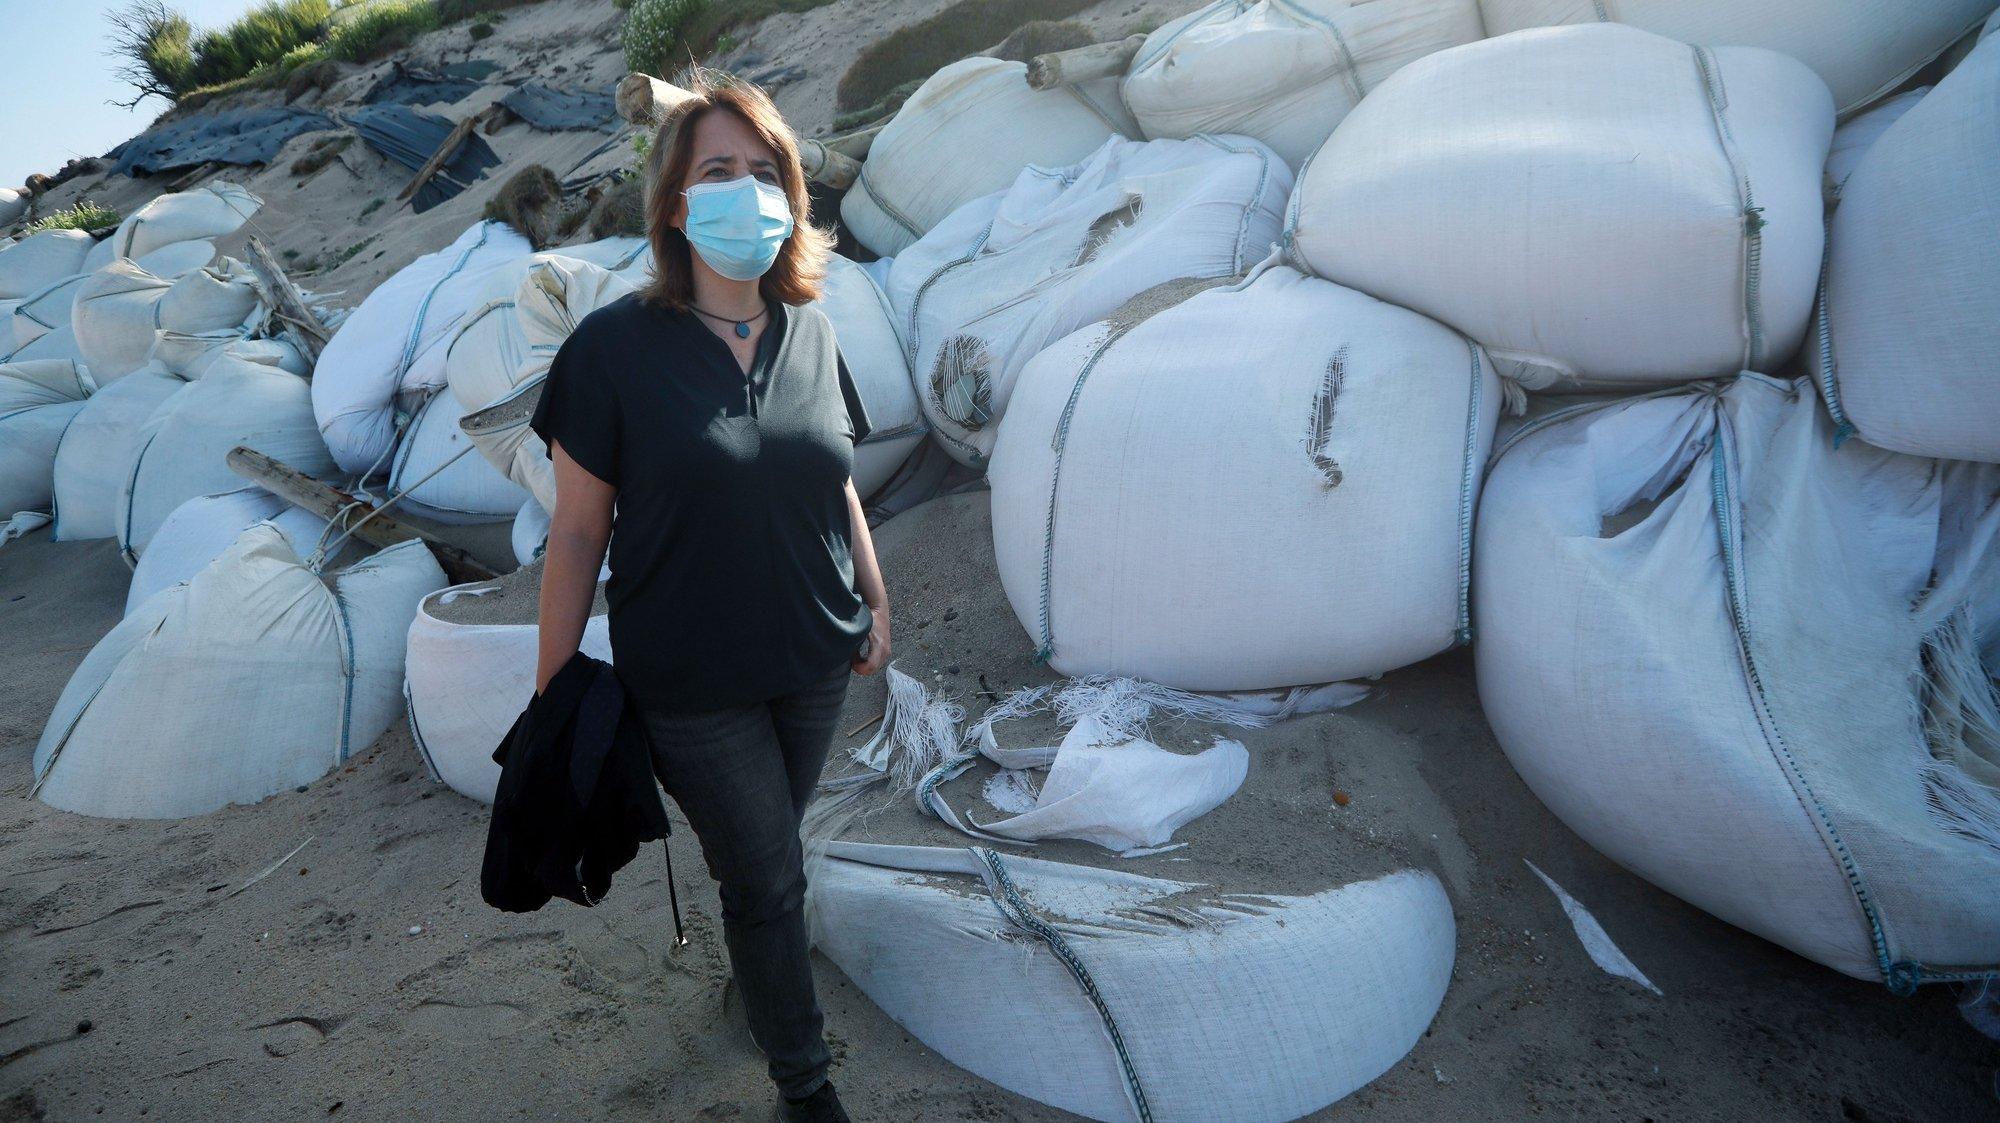 A coordenadora do Bloco de Esquerda (BE), Catarina Martins, visita a praia onde foram colocados sacos de areia para conter o avanço do mar mas que estão a causar problemas de resíduos no areal, com riscos para ambiente e biodiversidade, Póvoa de Varzim, 26 de julho de 2021. ESTELA SILVA/LUSA